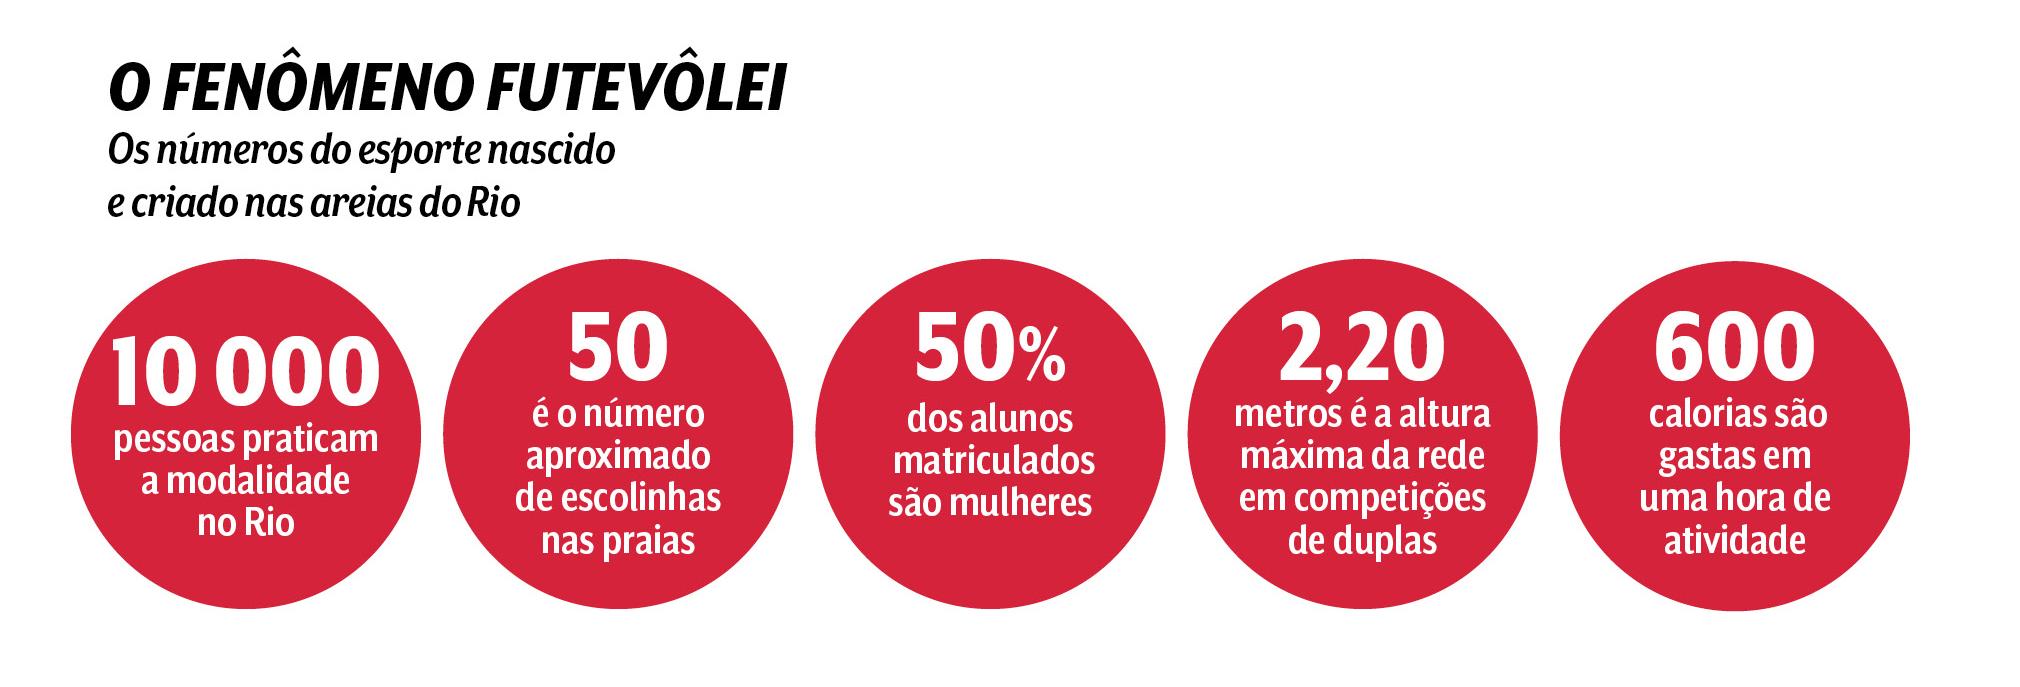 números do futevôlei no Rio